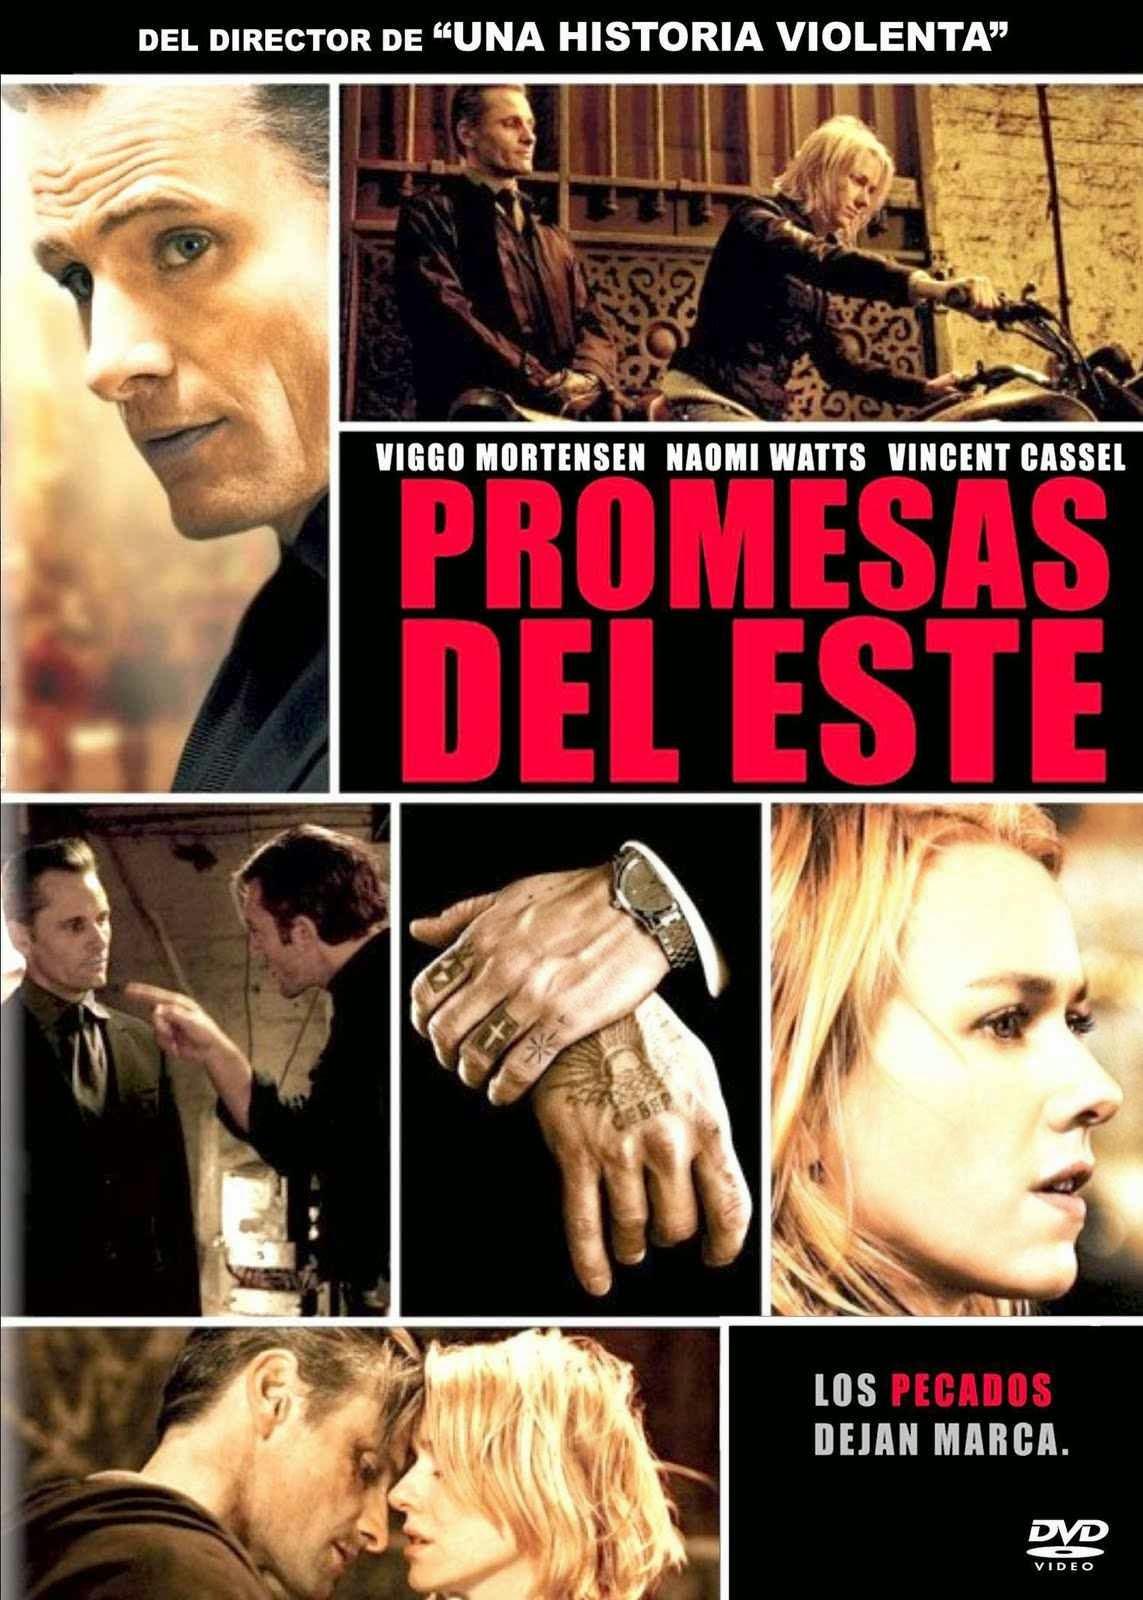 """Películas ambientadas en """"La Mafia"""" Promesas-del-este-2007"""